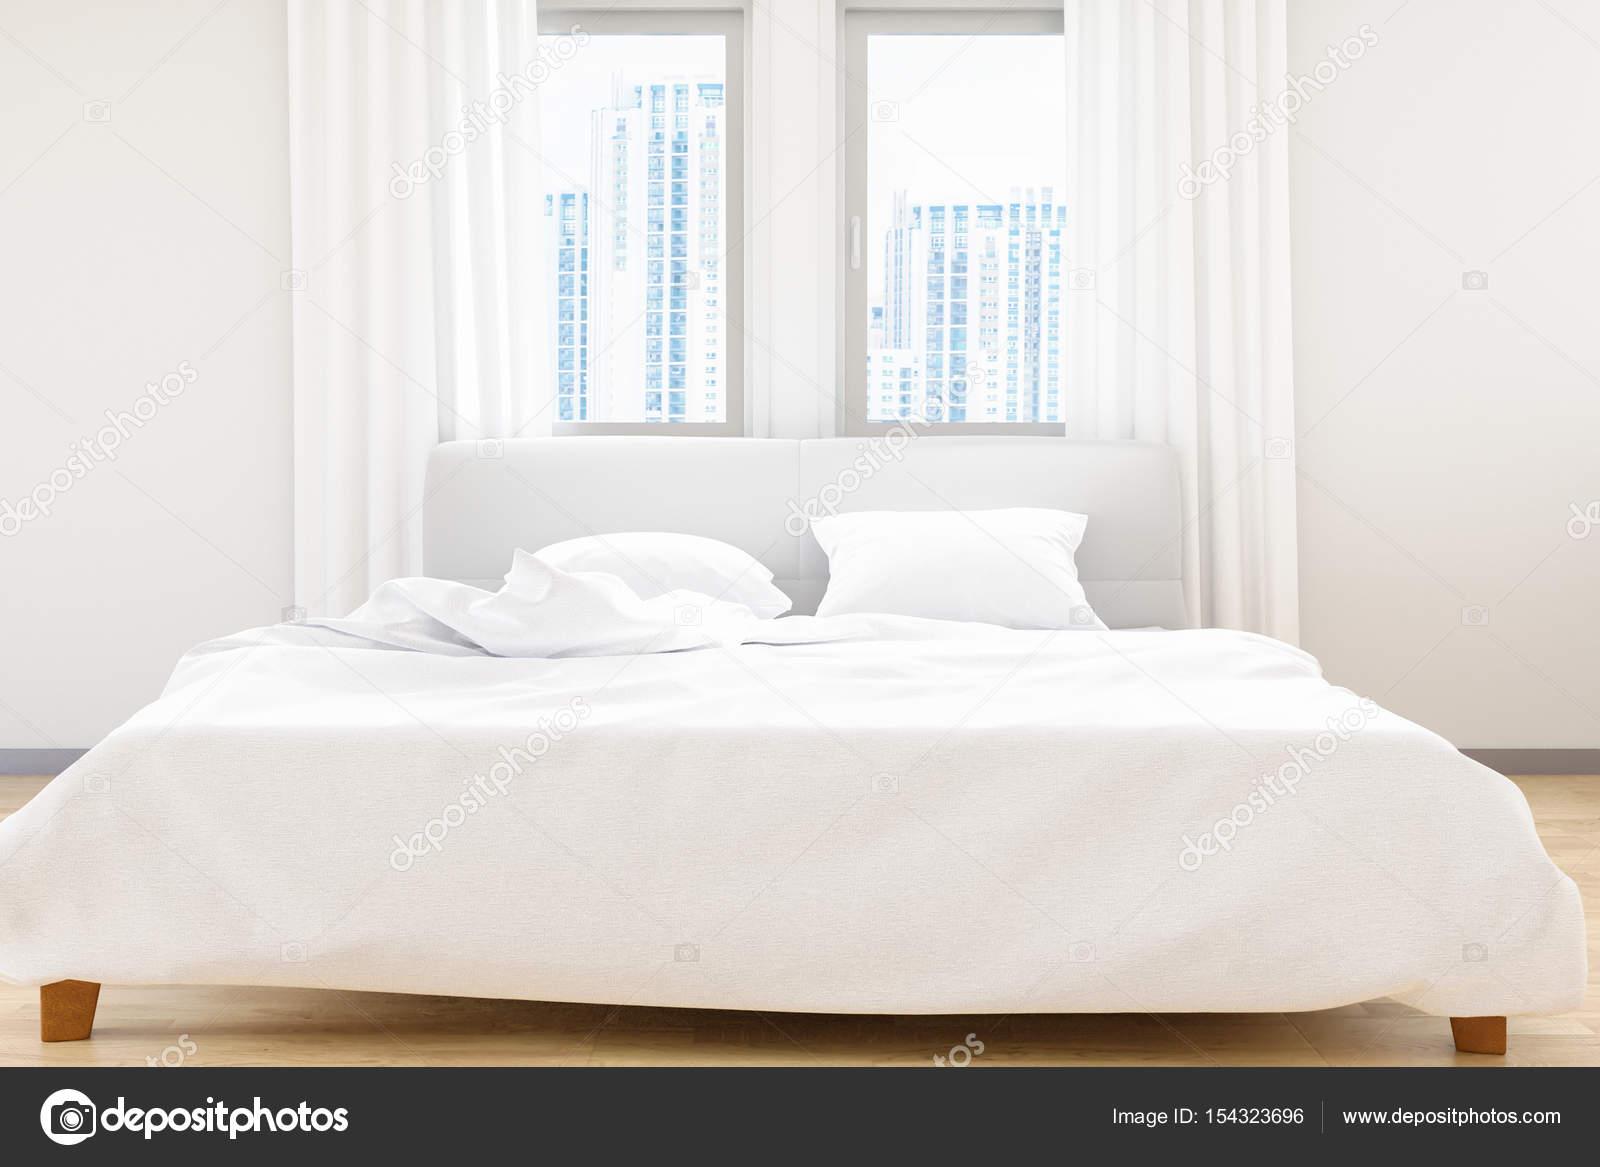 De moderne witte slaapkamer bed lakens en kussens comfort en